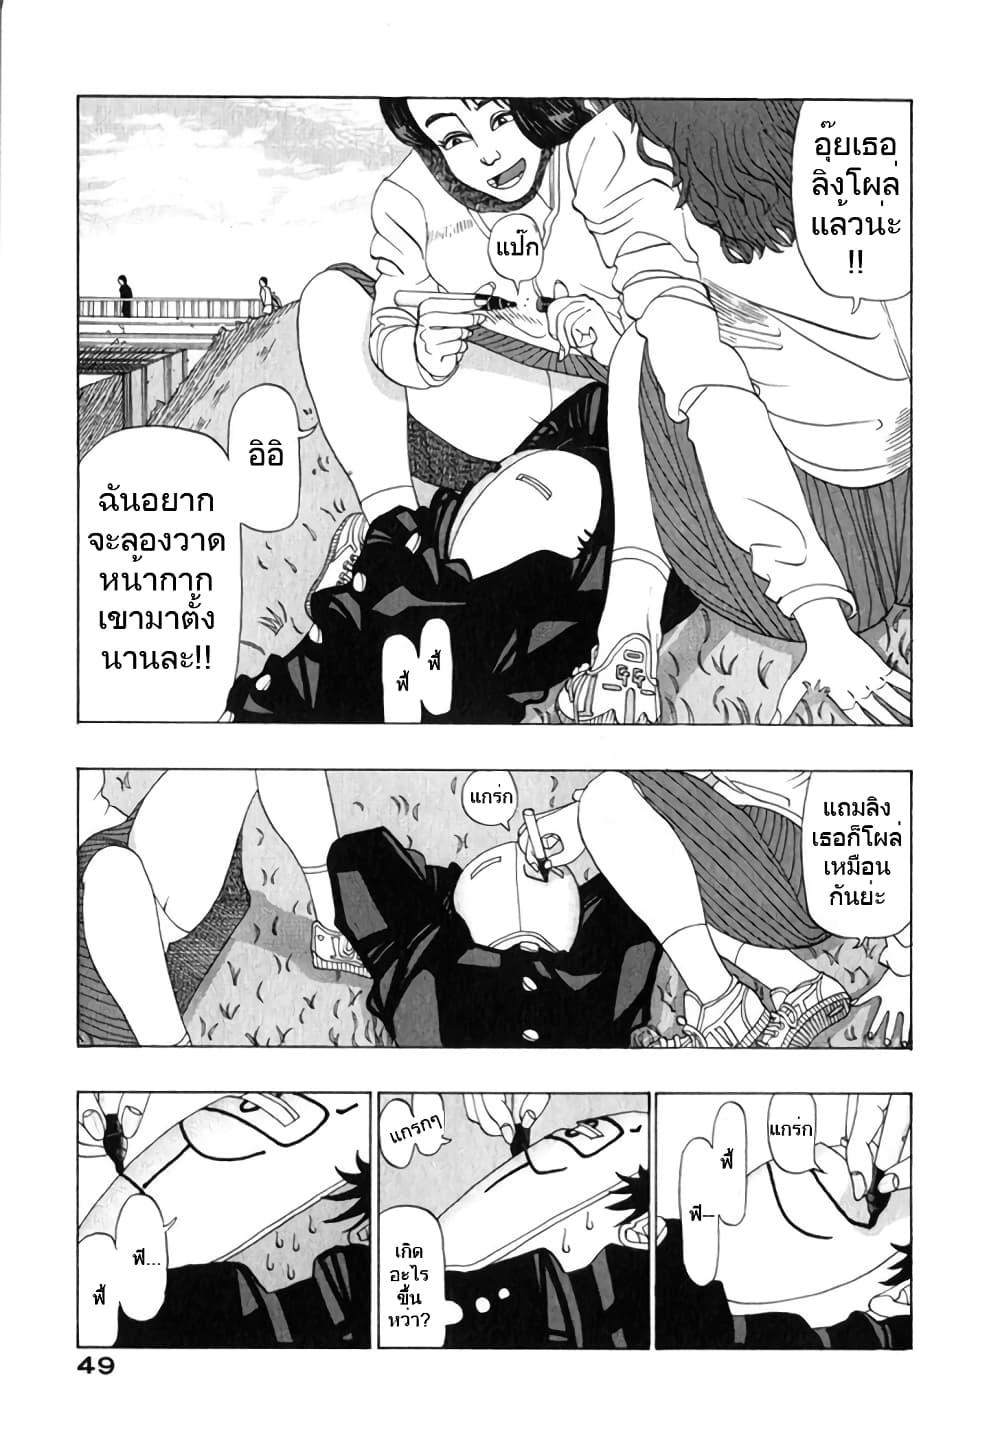 อ่านการ์ตูน Tanikamen ตอนที่ 4 หน้าที่ 3